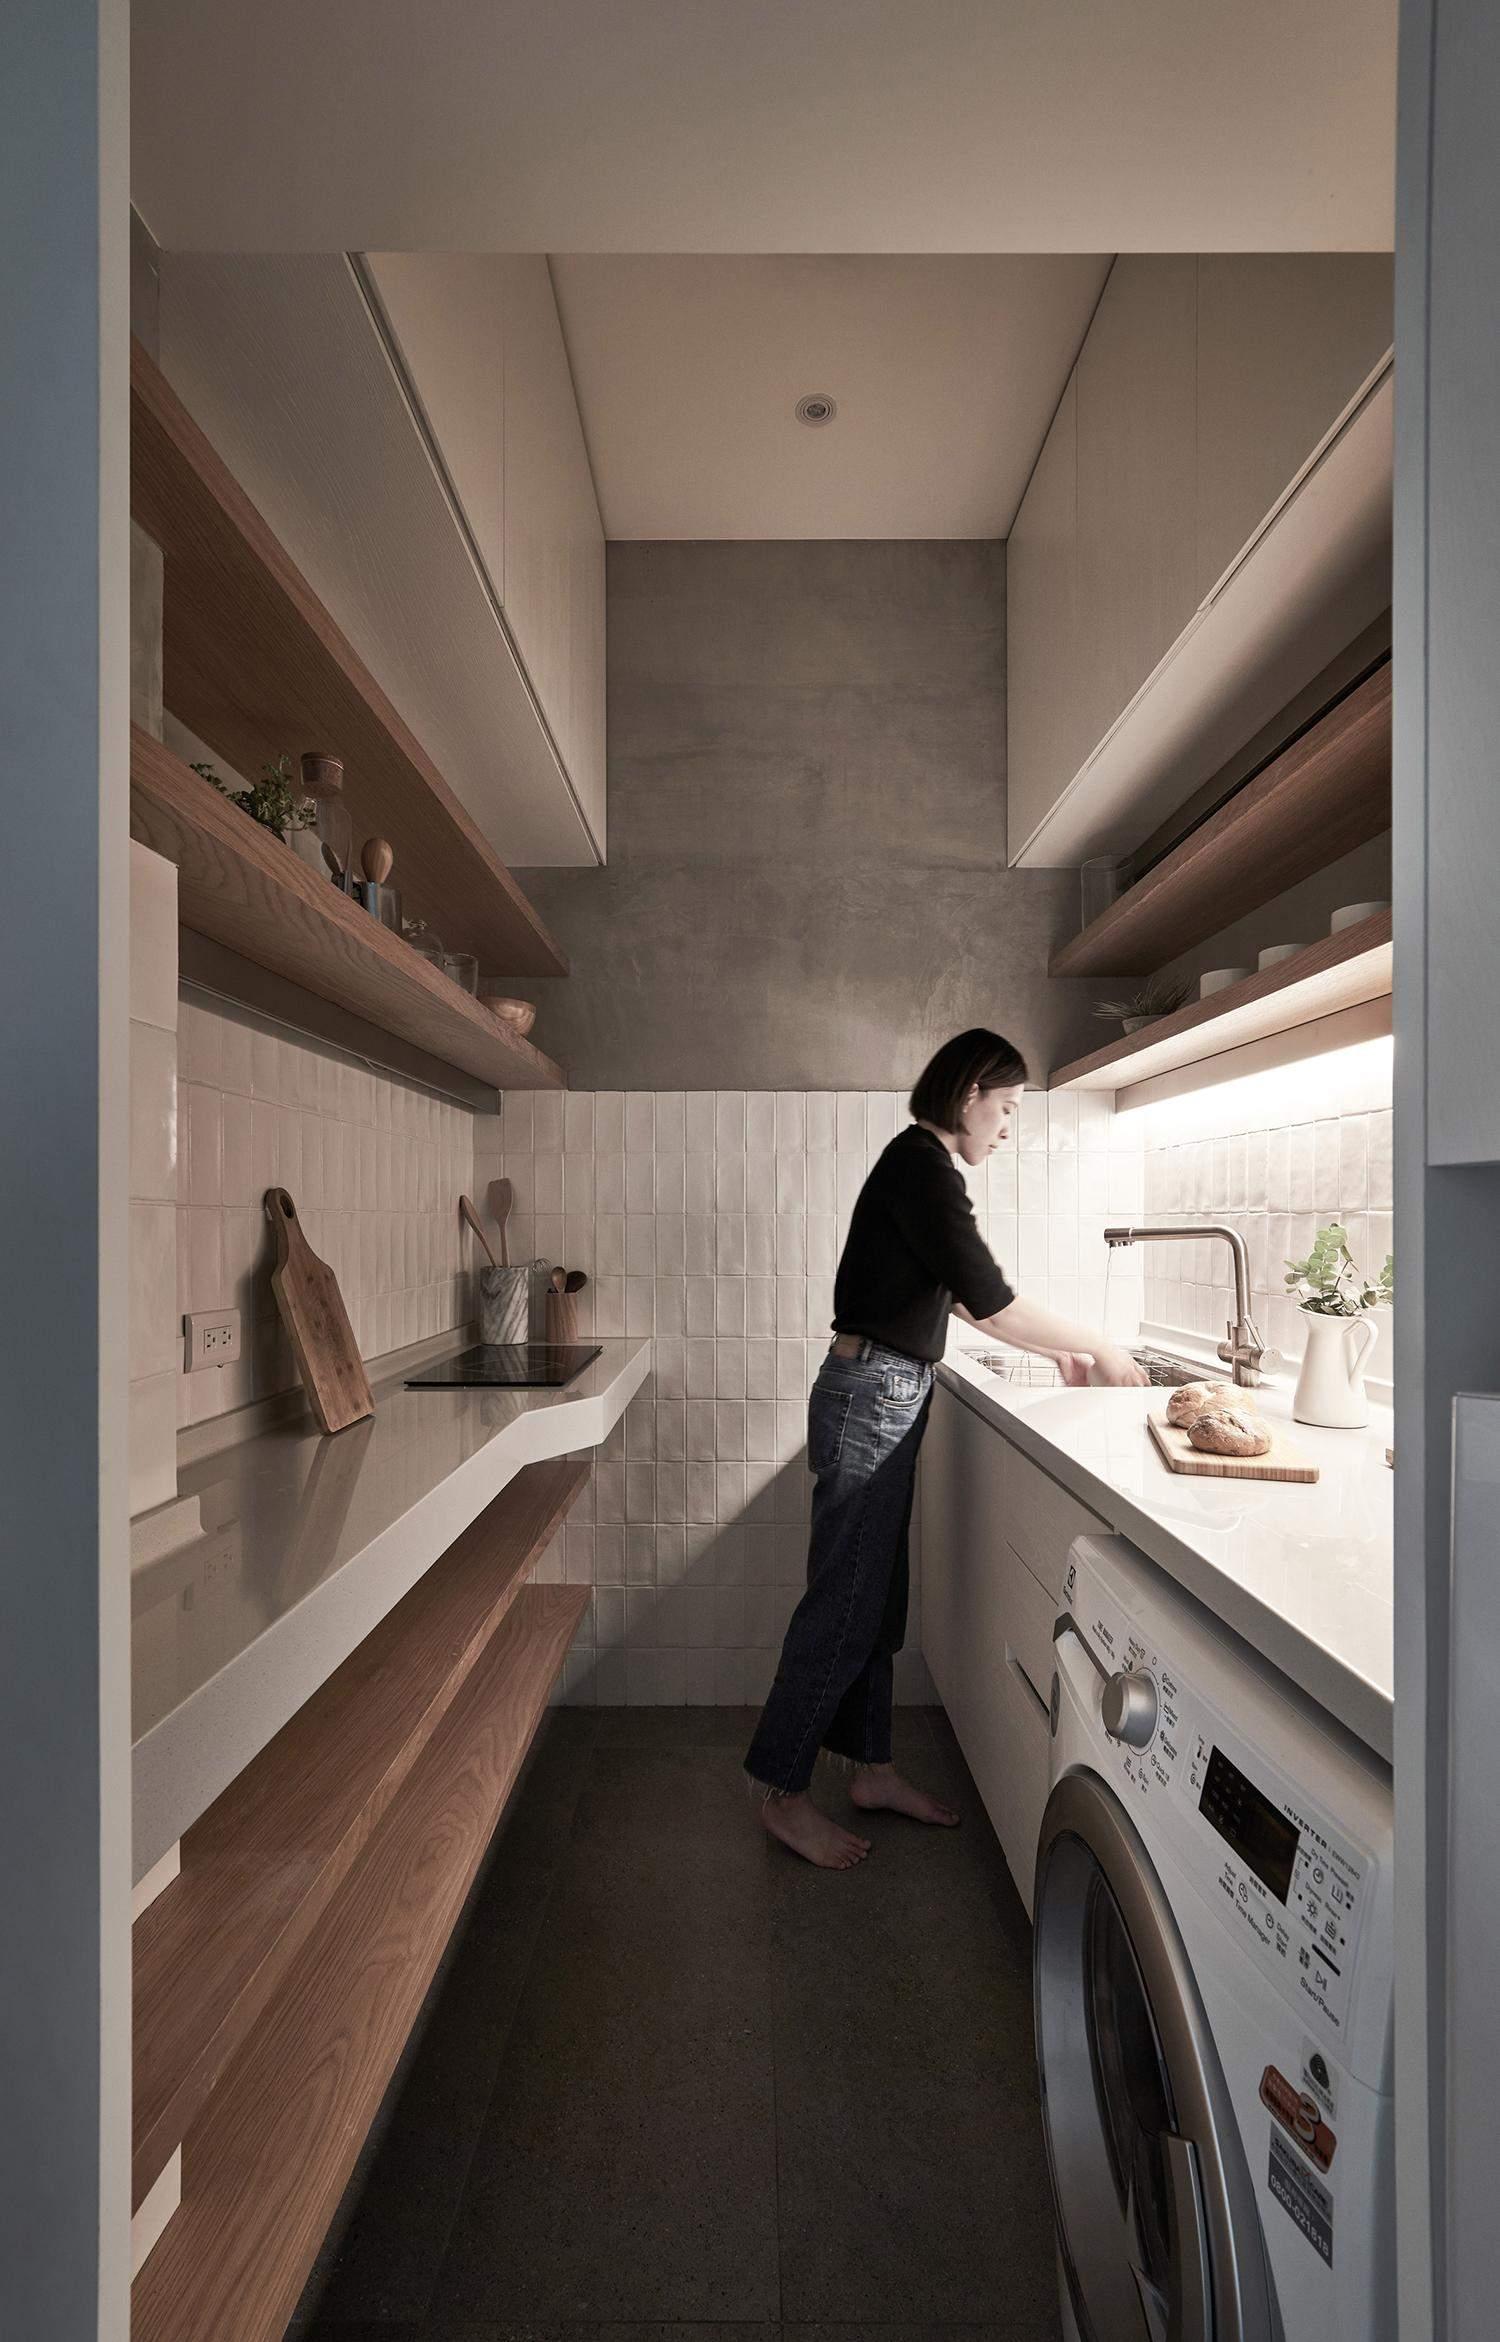 У маленькій кухні важливо підтримувати ідеальний порядок